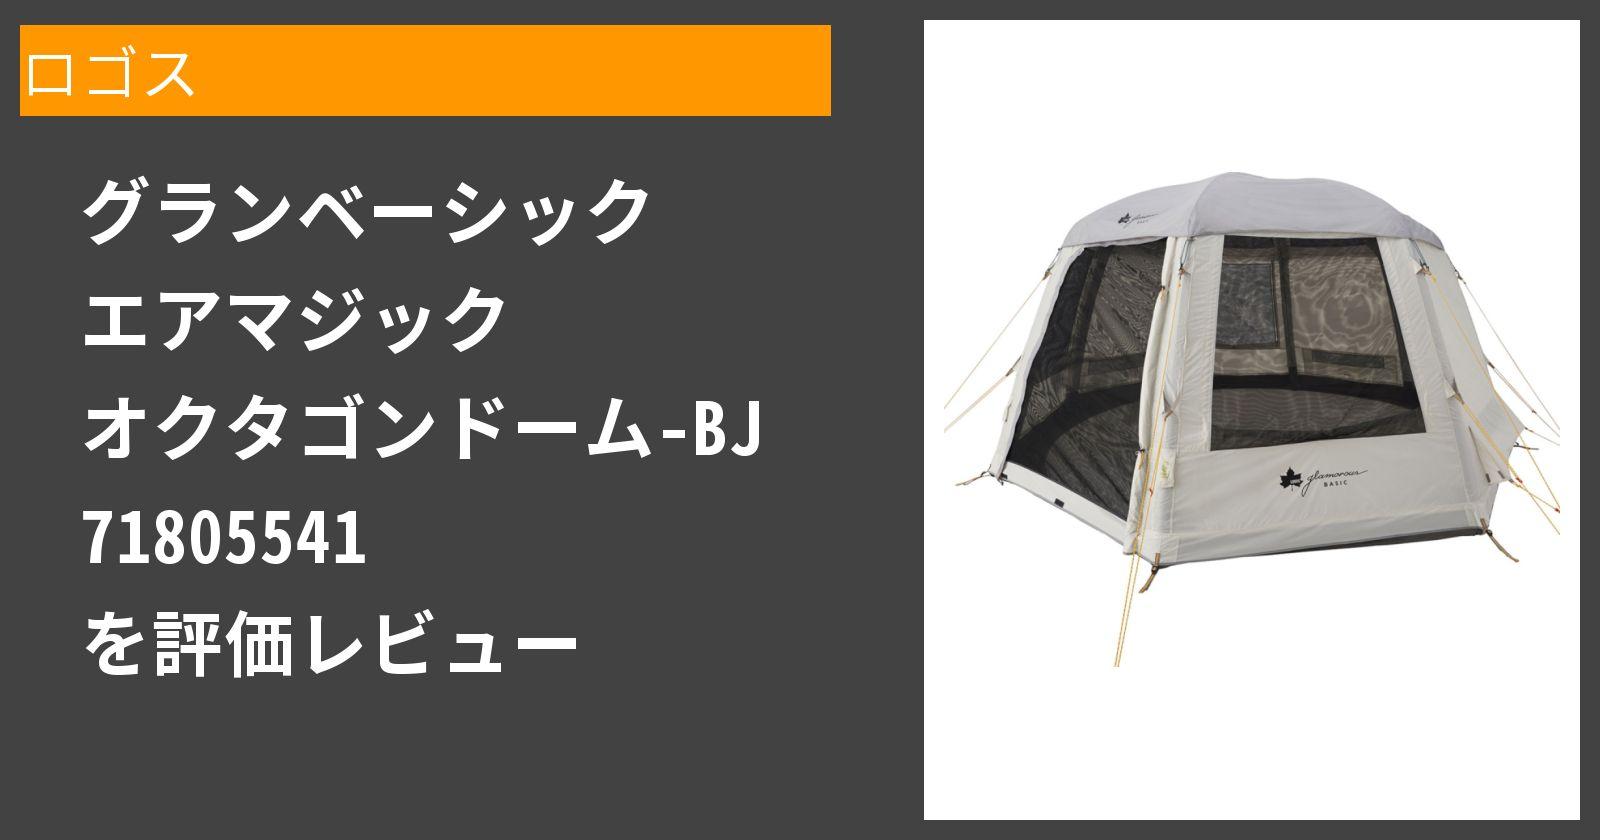 グランベーシック エアマジック オクタゴンドーム-BJ 71805541を徹底評価